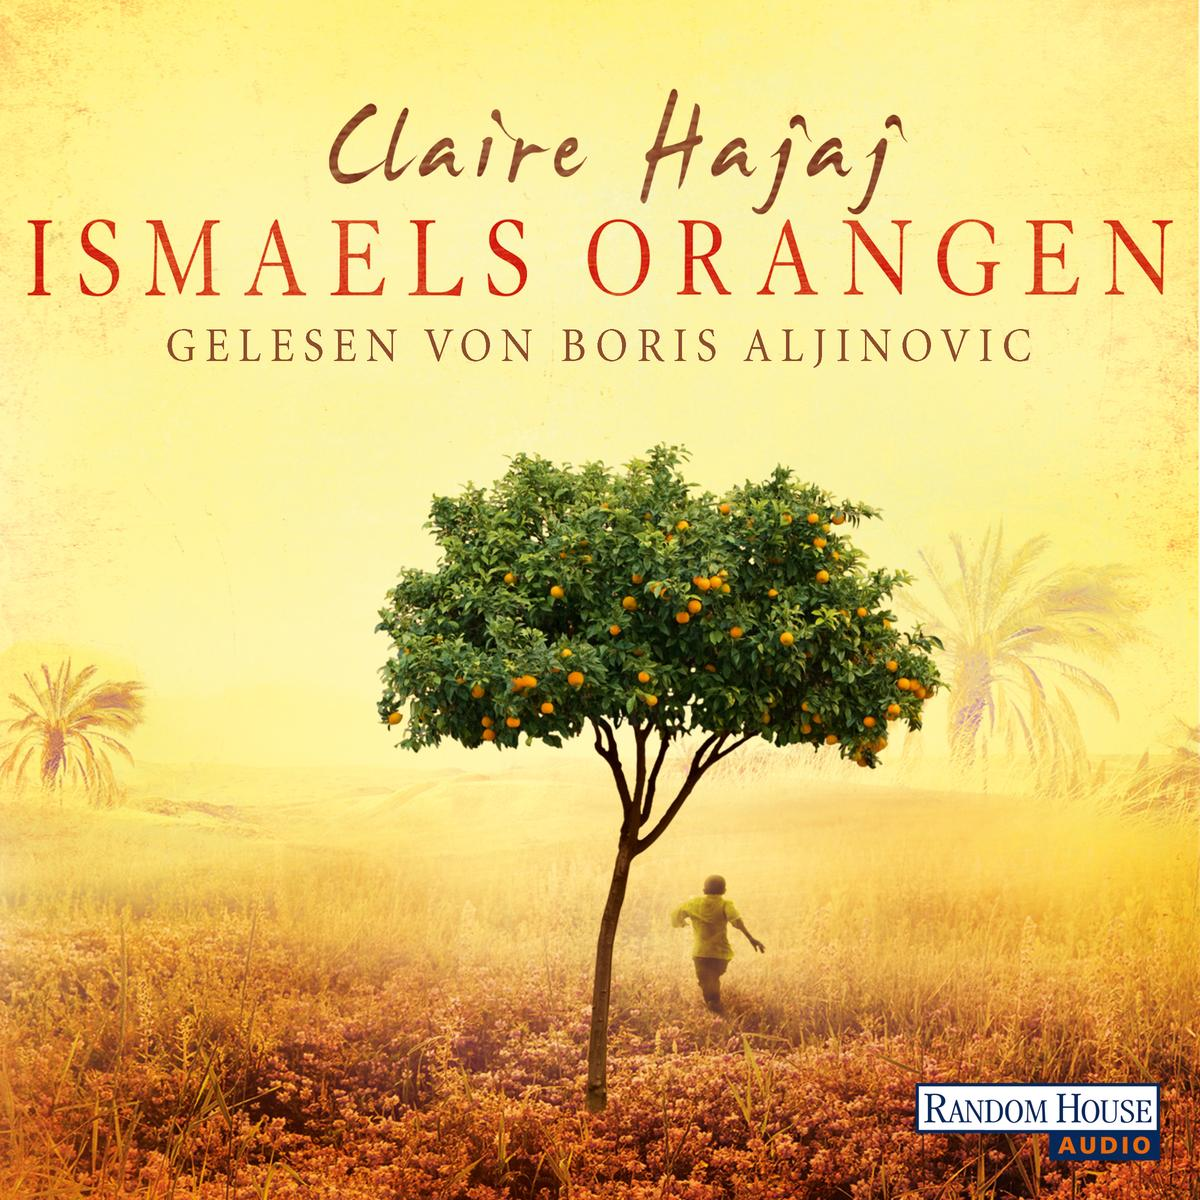 ismaels-orangen